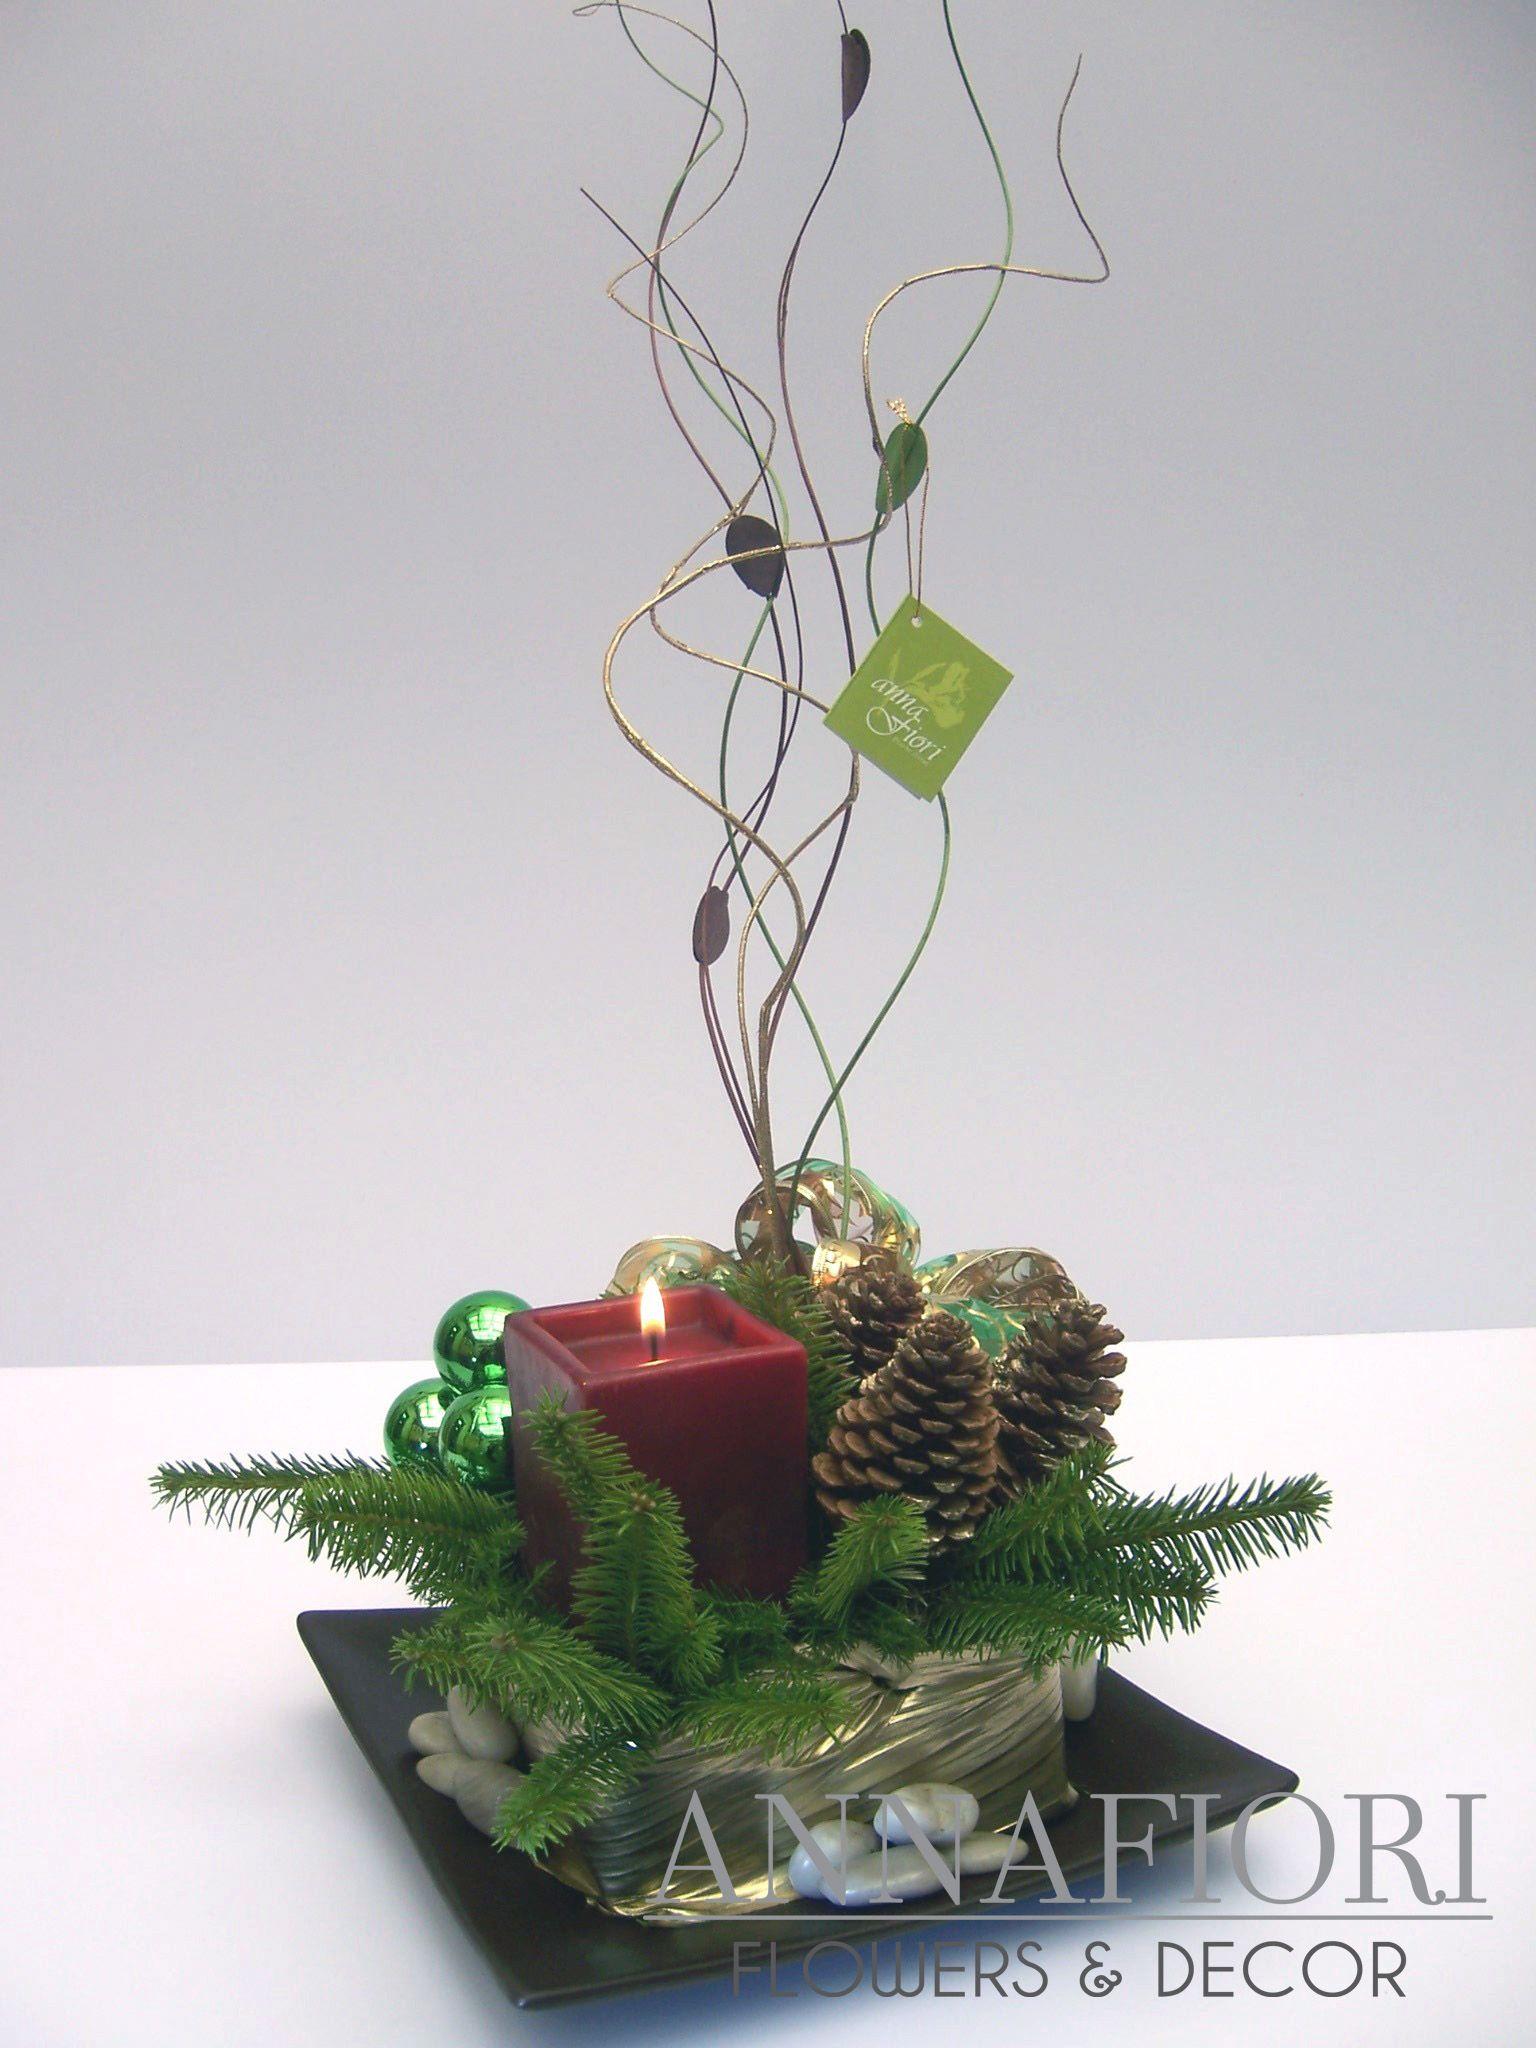 Arreglo floral centro de mesa navide o con vela roja for Arreglos navidenos para mesa